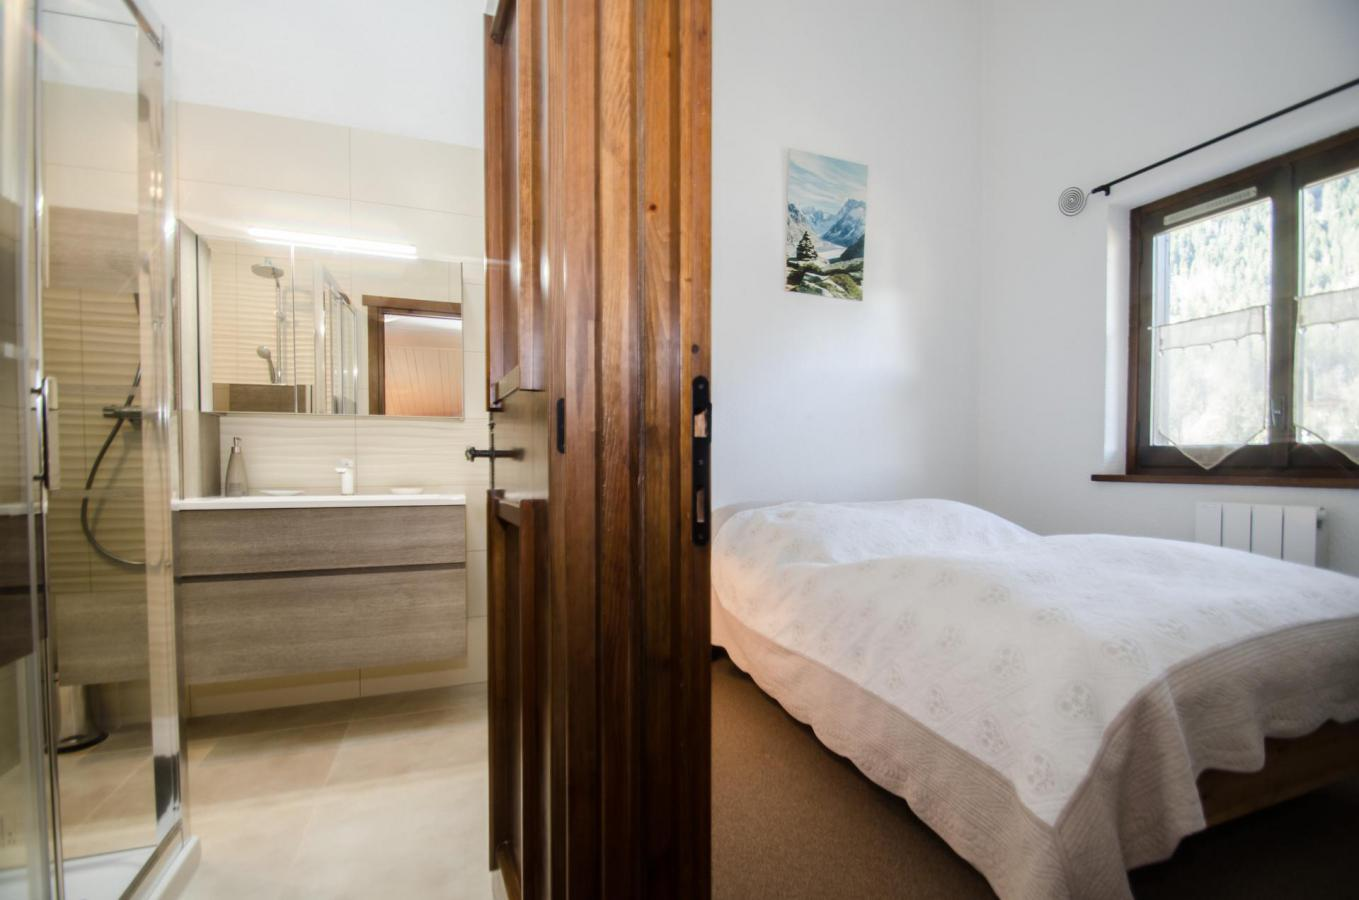 Location au ski Appartement 2 pièces 4 personnes (petra ) - Residence Champraz - Chamonix - Lit double